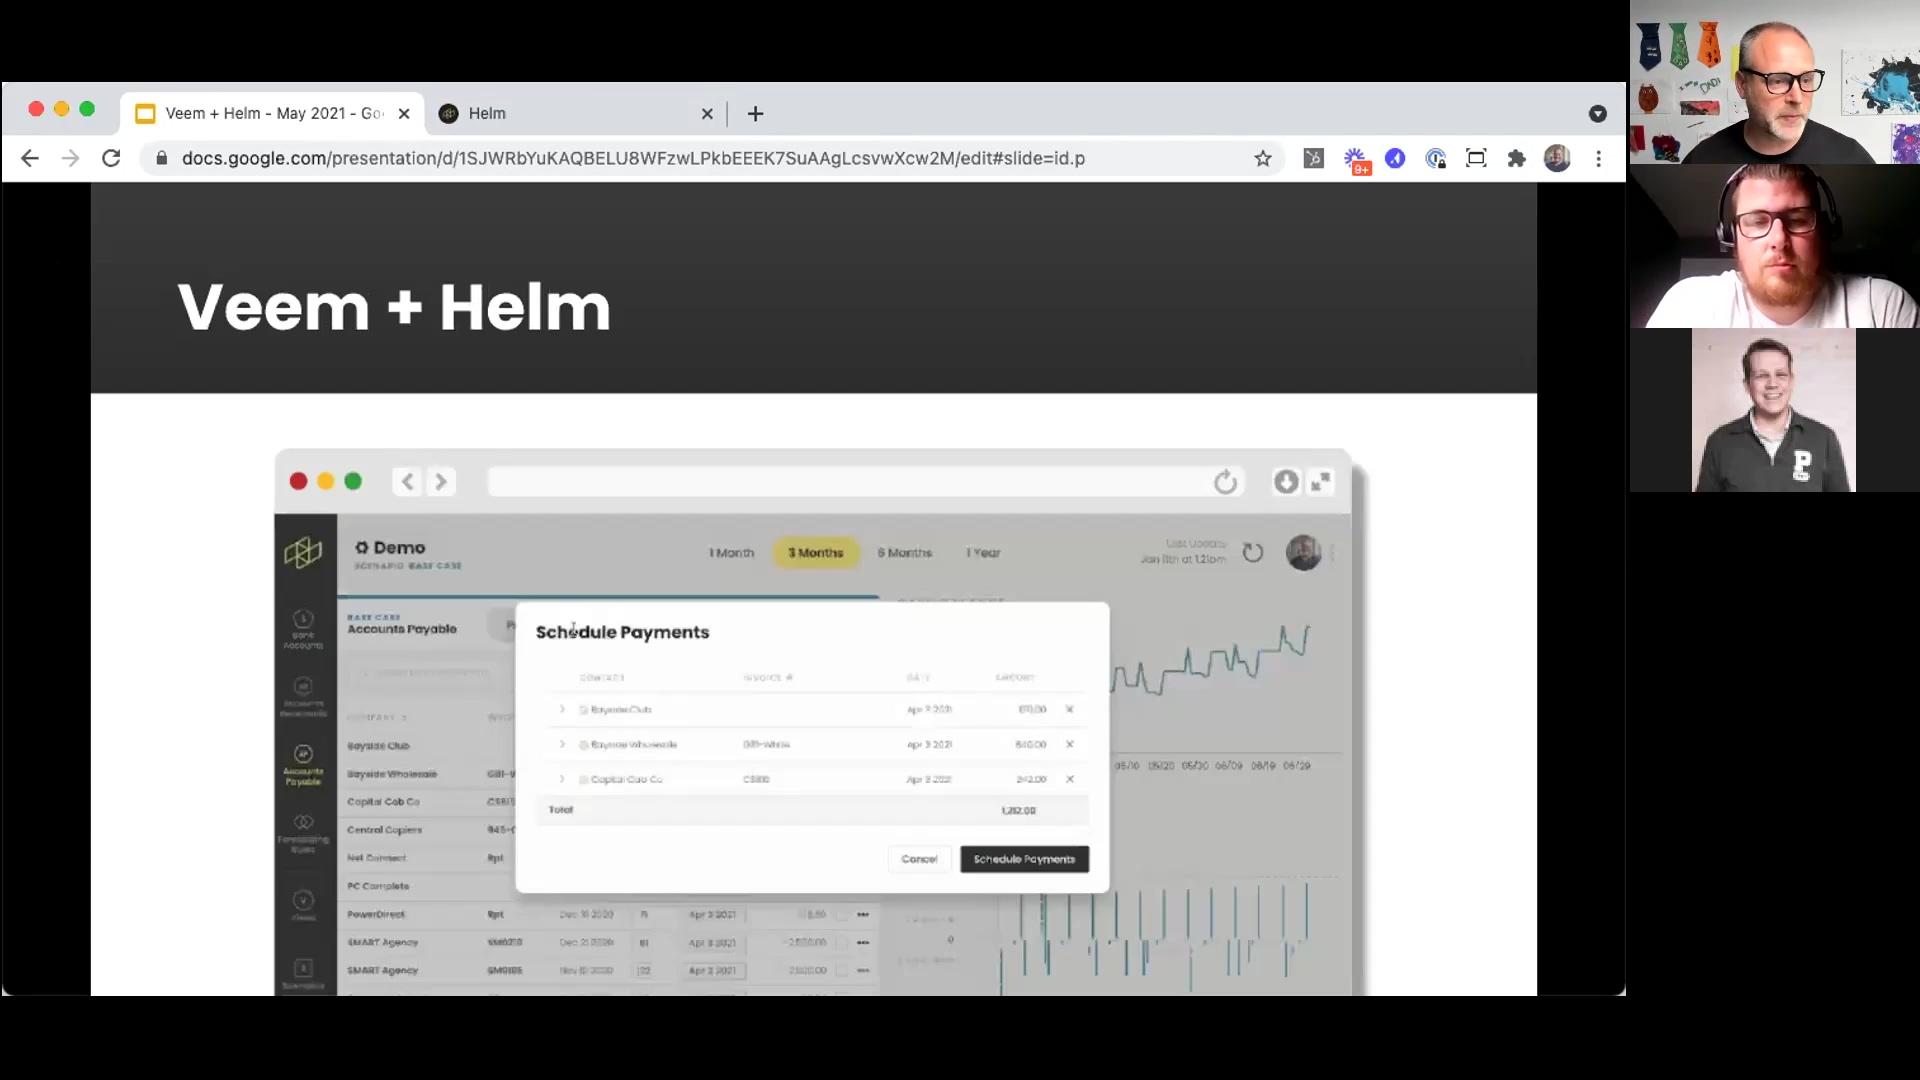 Helm + Veem Webinar - May 2021 - Veem Integration